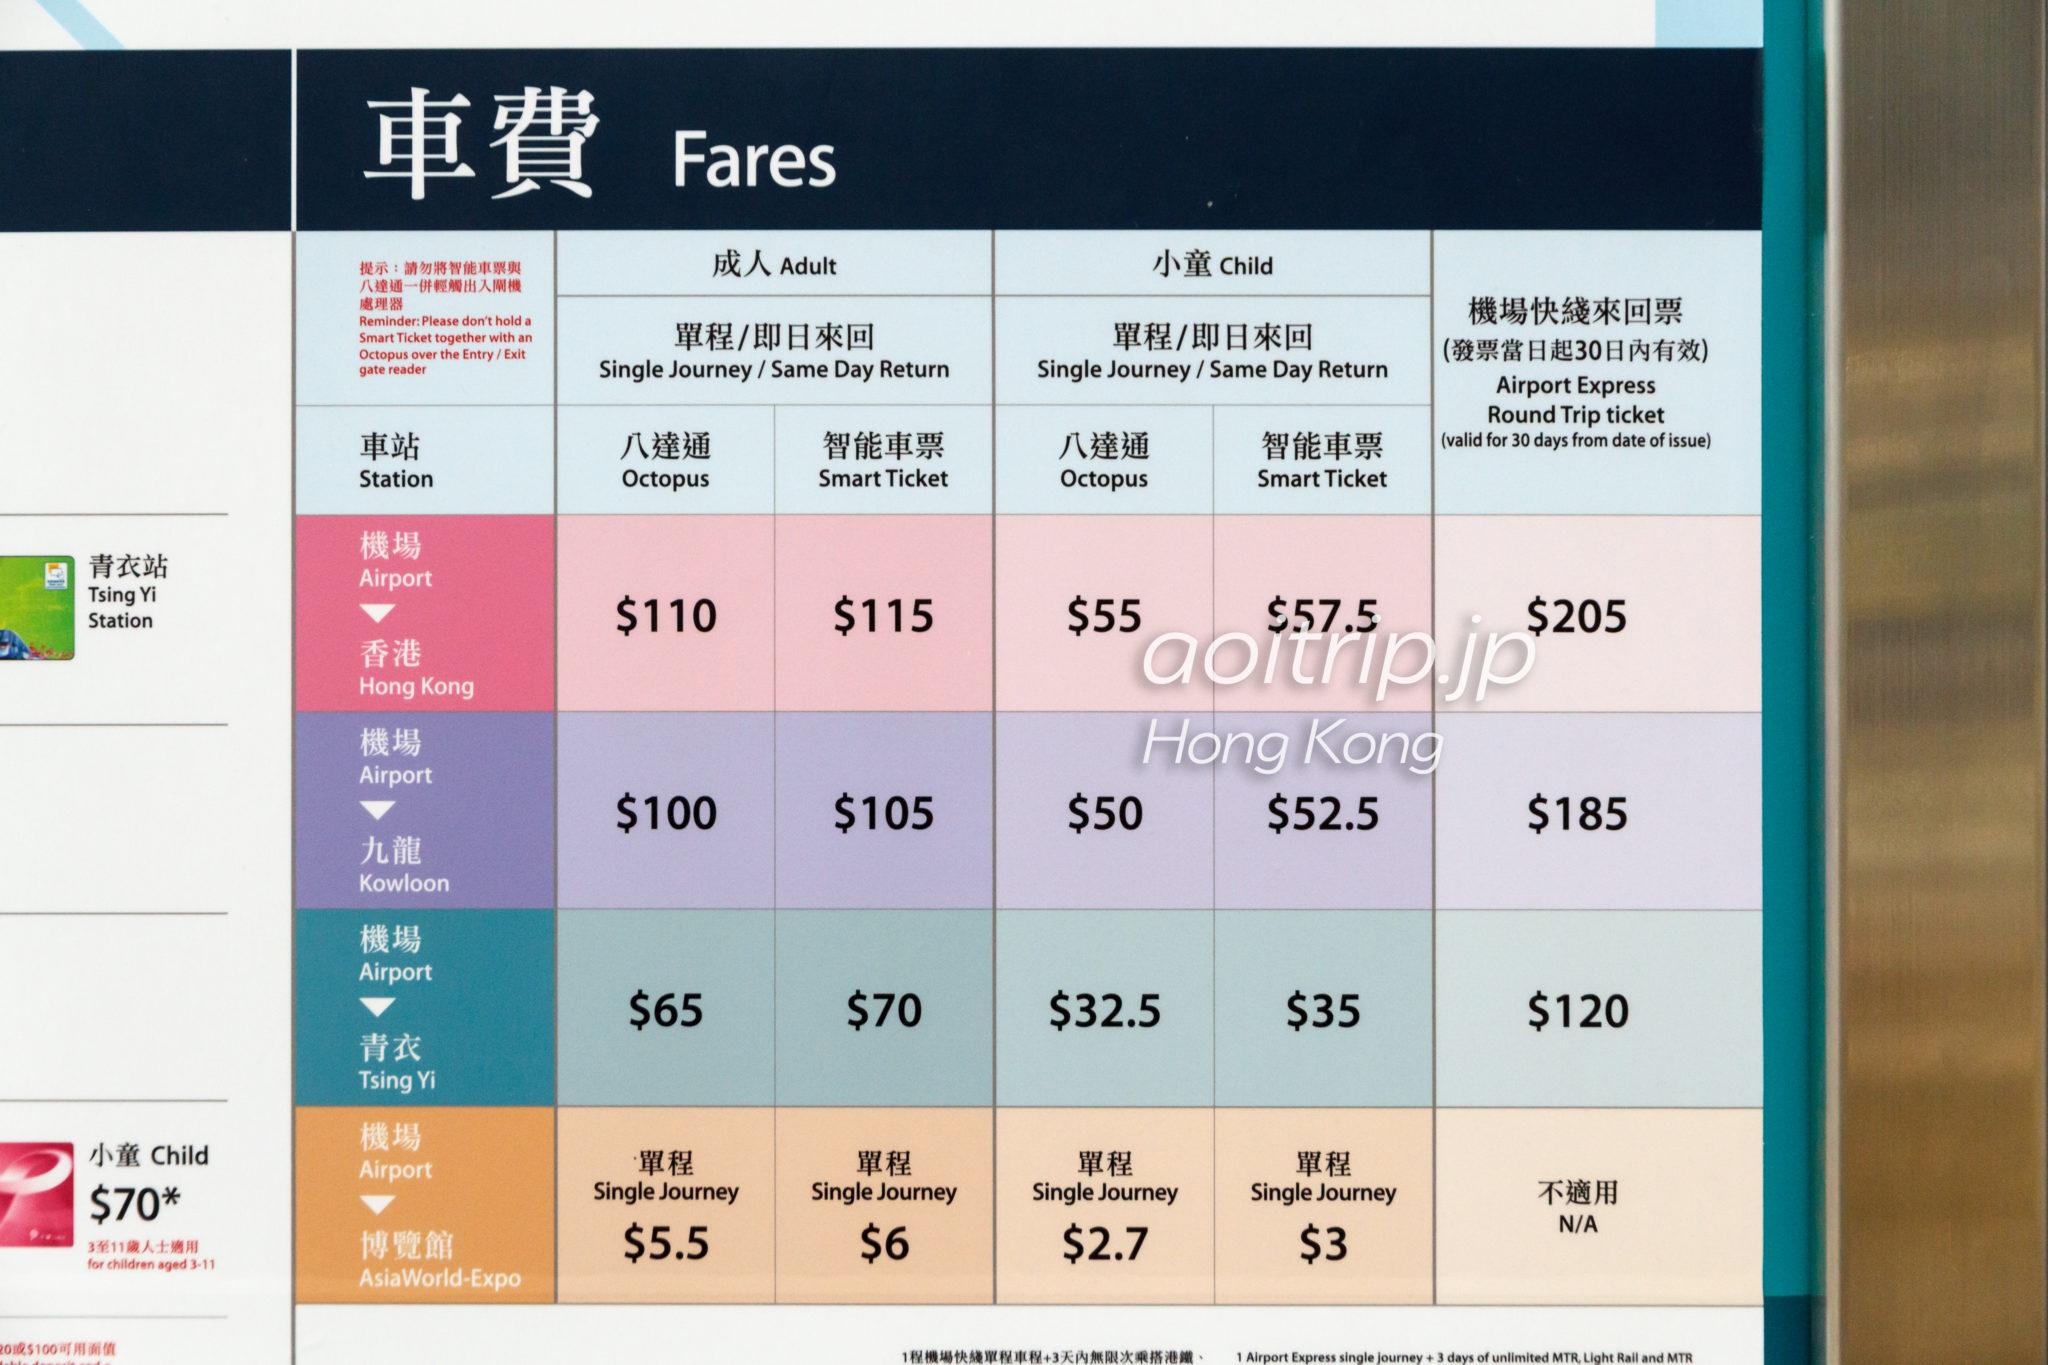 香港エアポートエクスプレスのチケット料金表